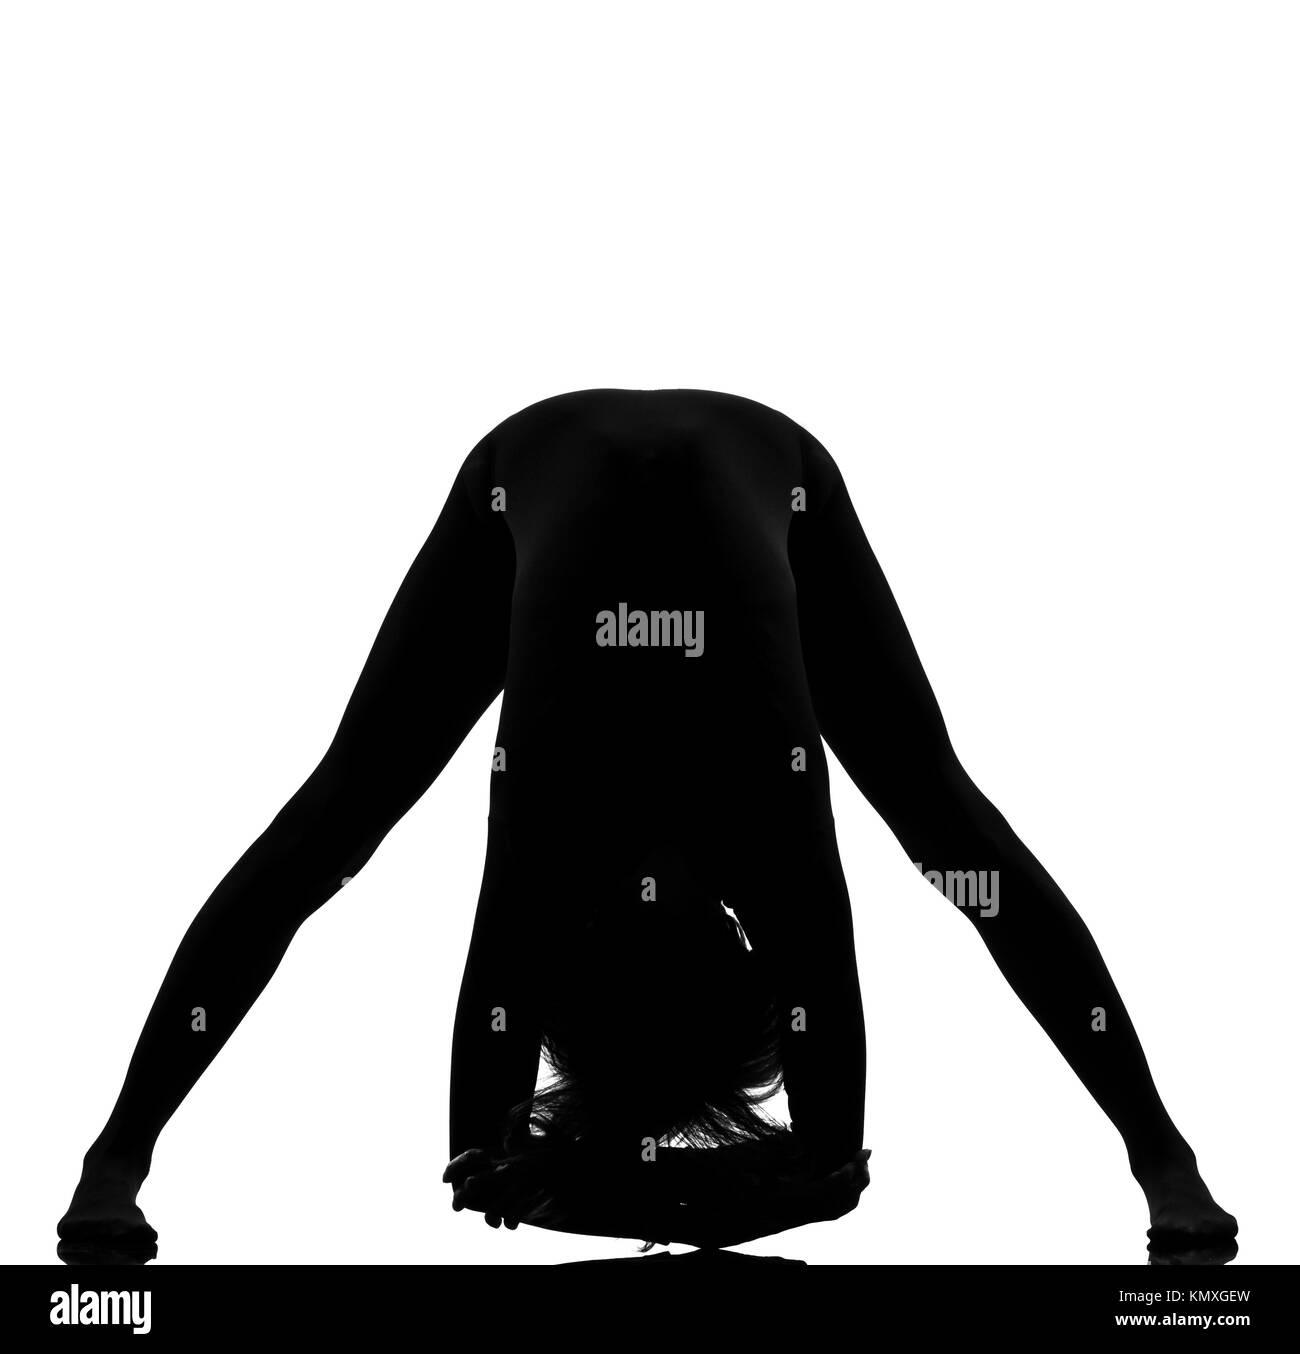 Frau Ausübung Fitness Yoga stretching im Schatten Graustufen Silhouette voller Länge im Studio weißen Stockbild